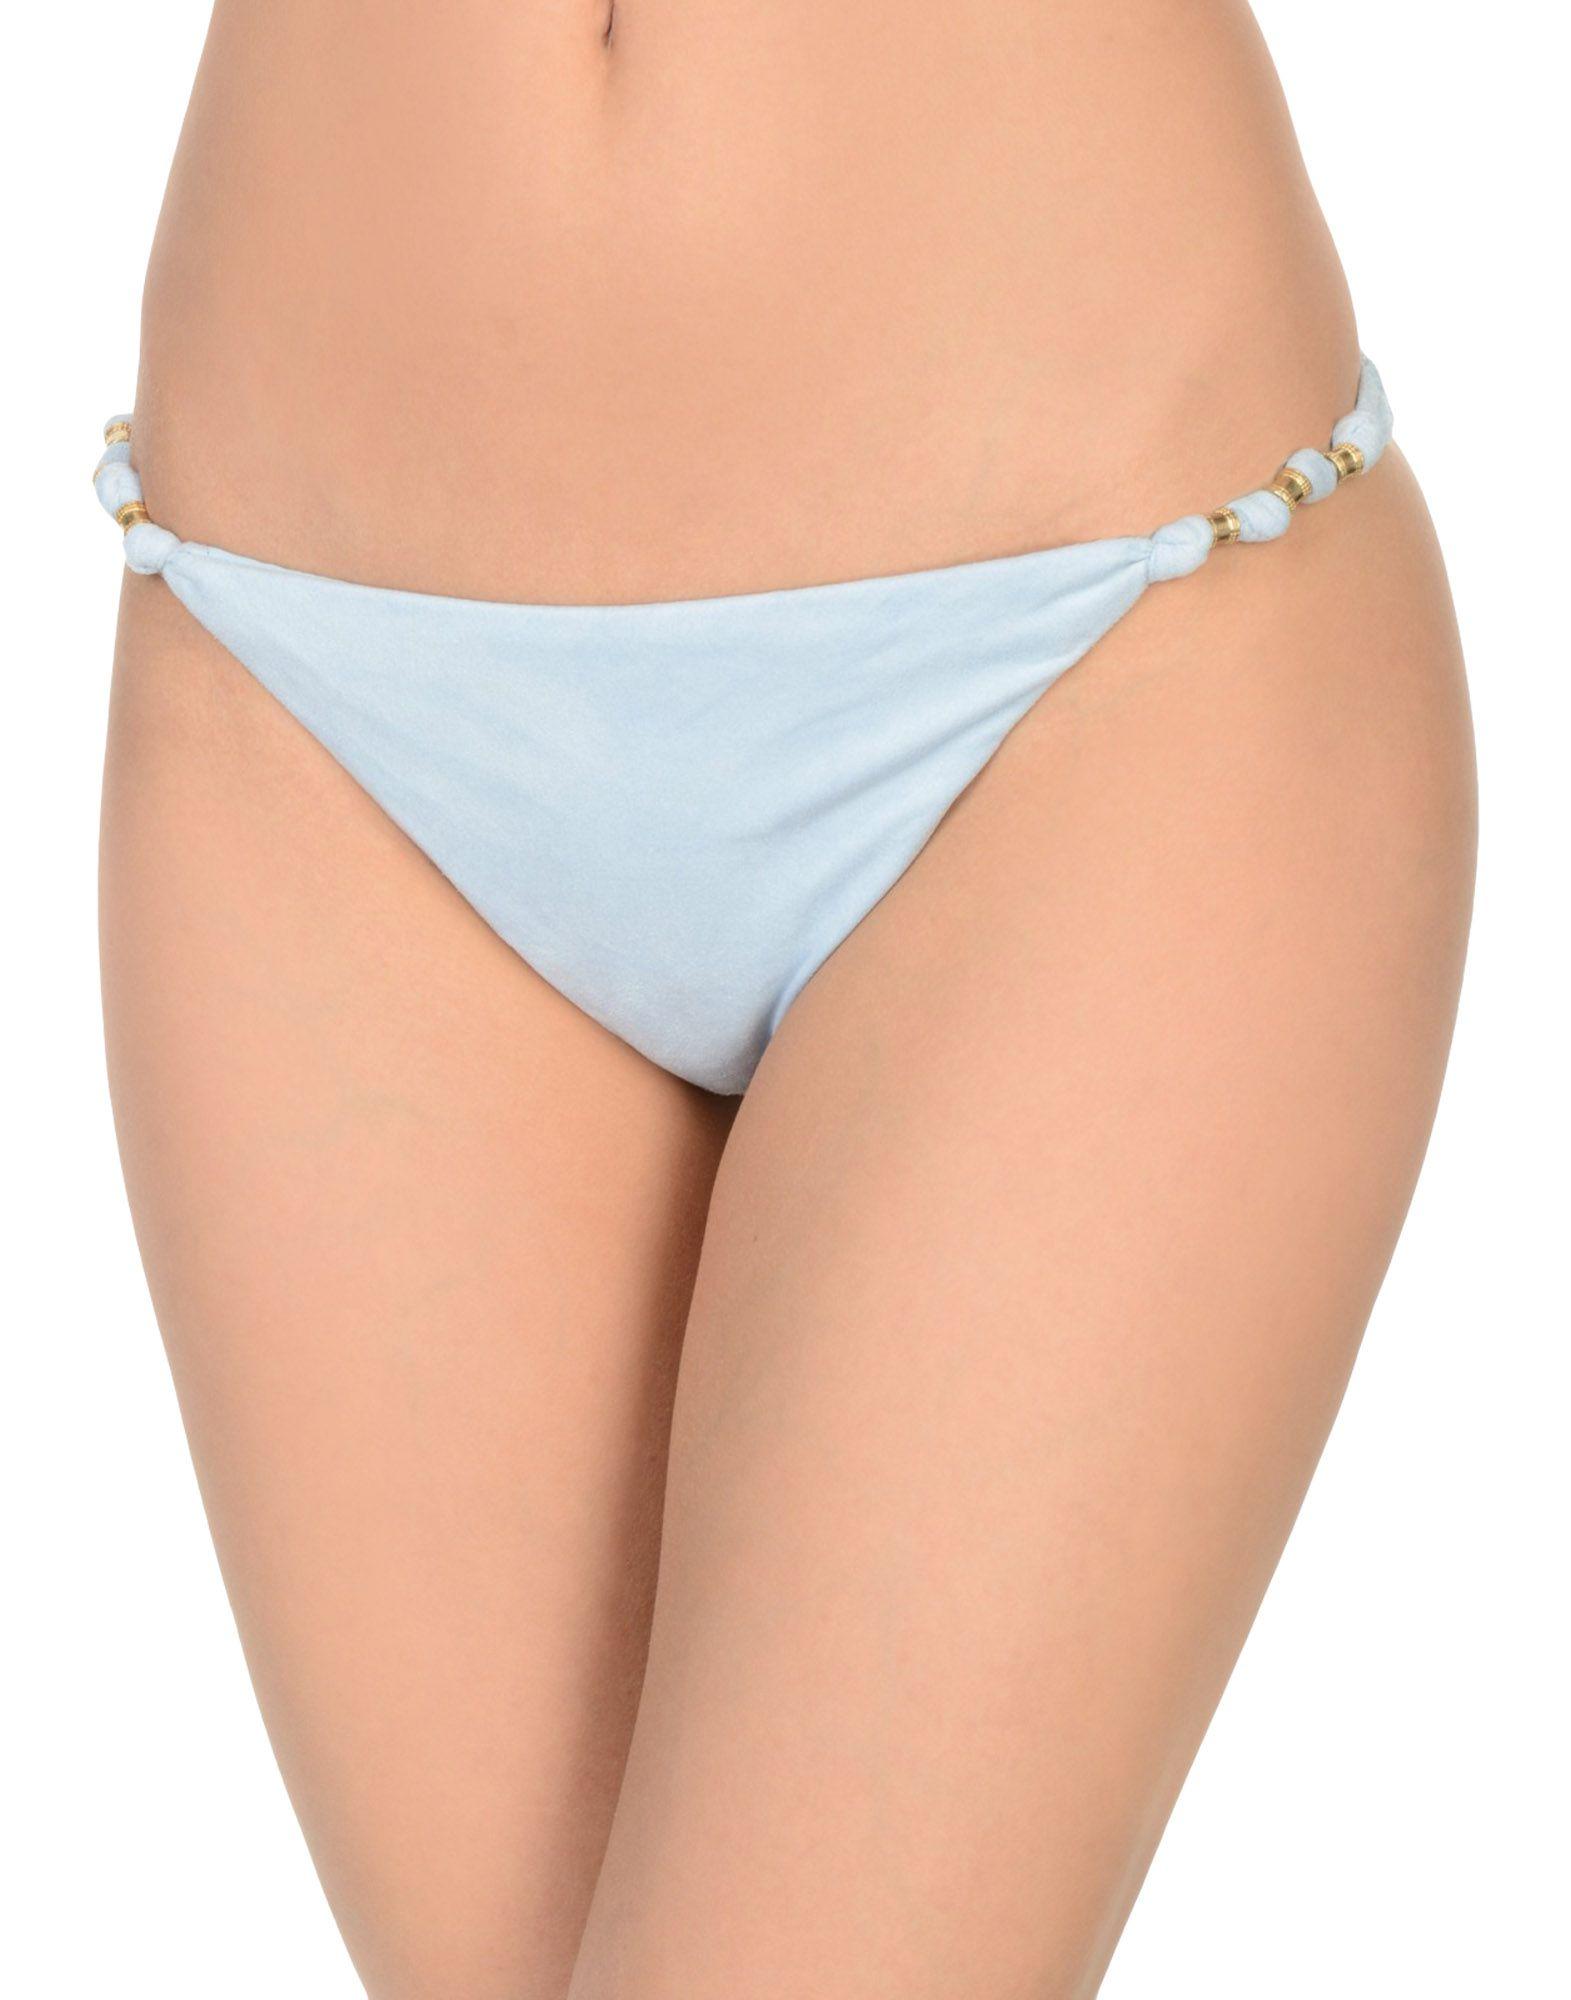 V I X PAULA HERMANNY Bikini in Sky Blue